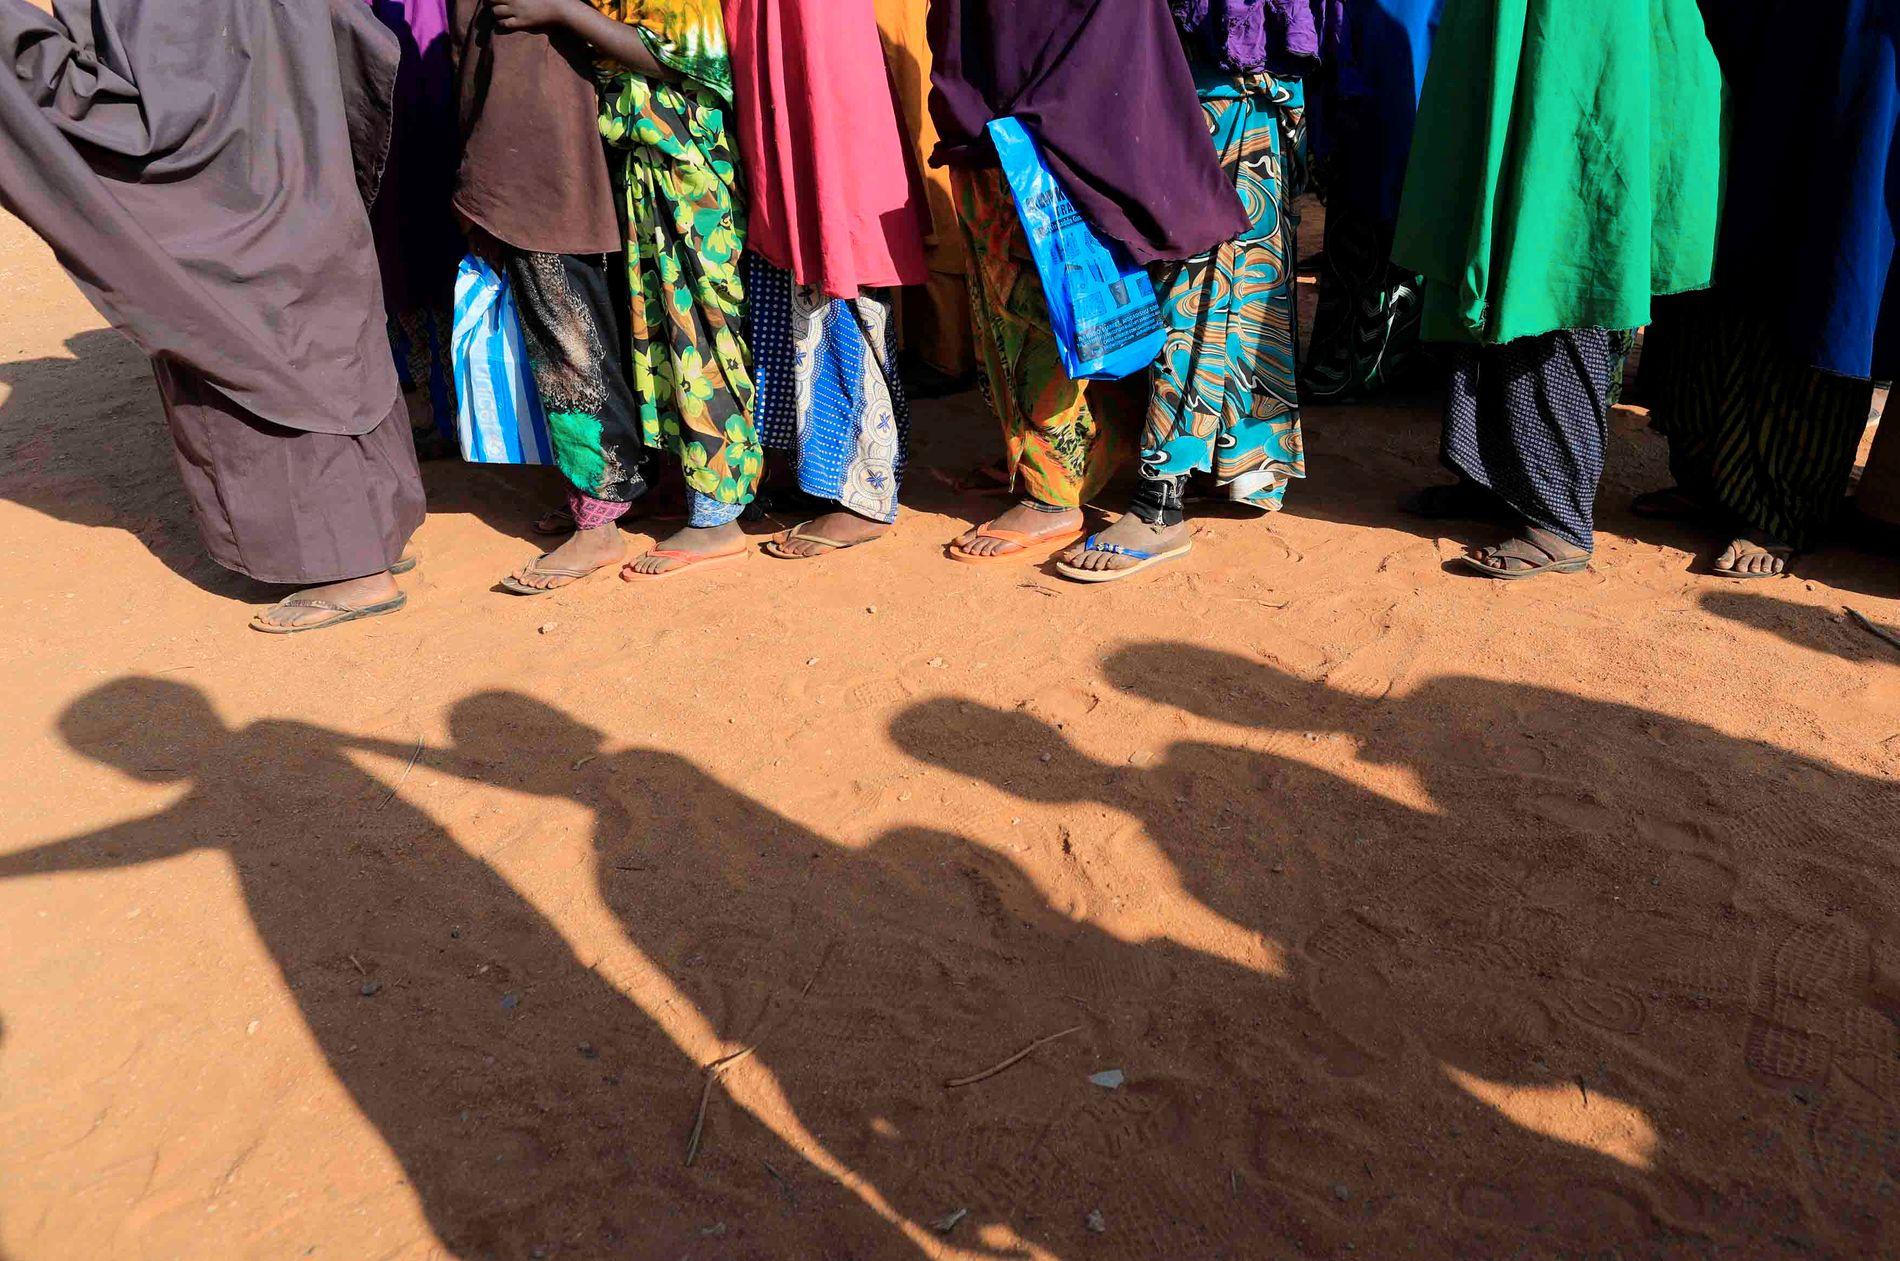 PÅ SKOLEVEI: Somaliske barn i kø utenfor et klasserom. Flere norske barn er sendt til koranskoler i andre deler av Somalia.